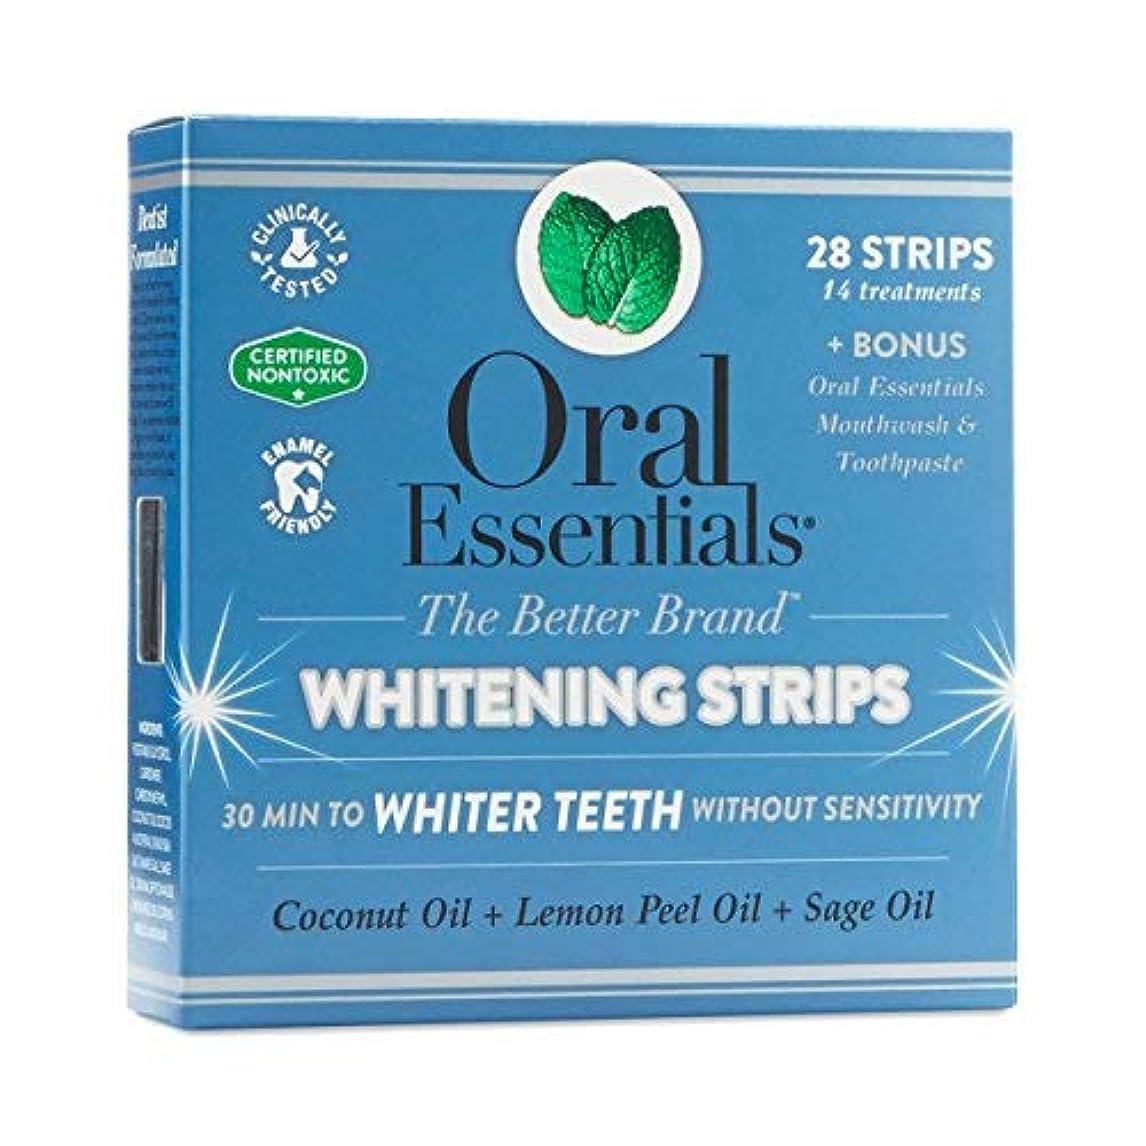 彼女のスポンジ顧問ホワイトニングストリップ オーラルエッセンシャル 14回分(上下24枚) 過酸化物なし、非毒性、敏感な歯茎に方にもやさしい 海外直送品